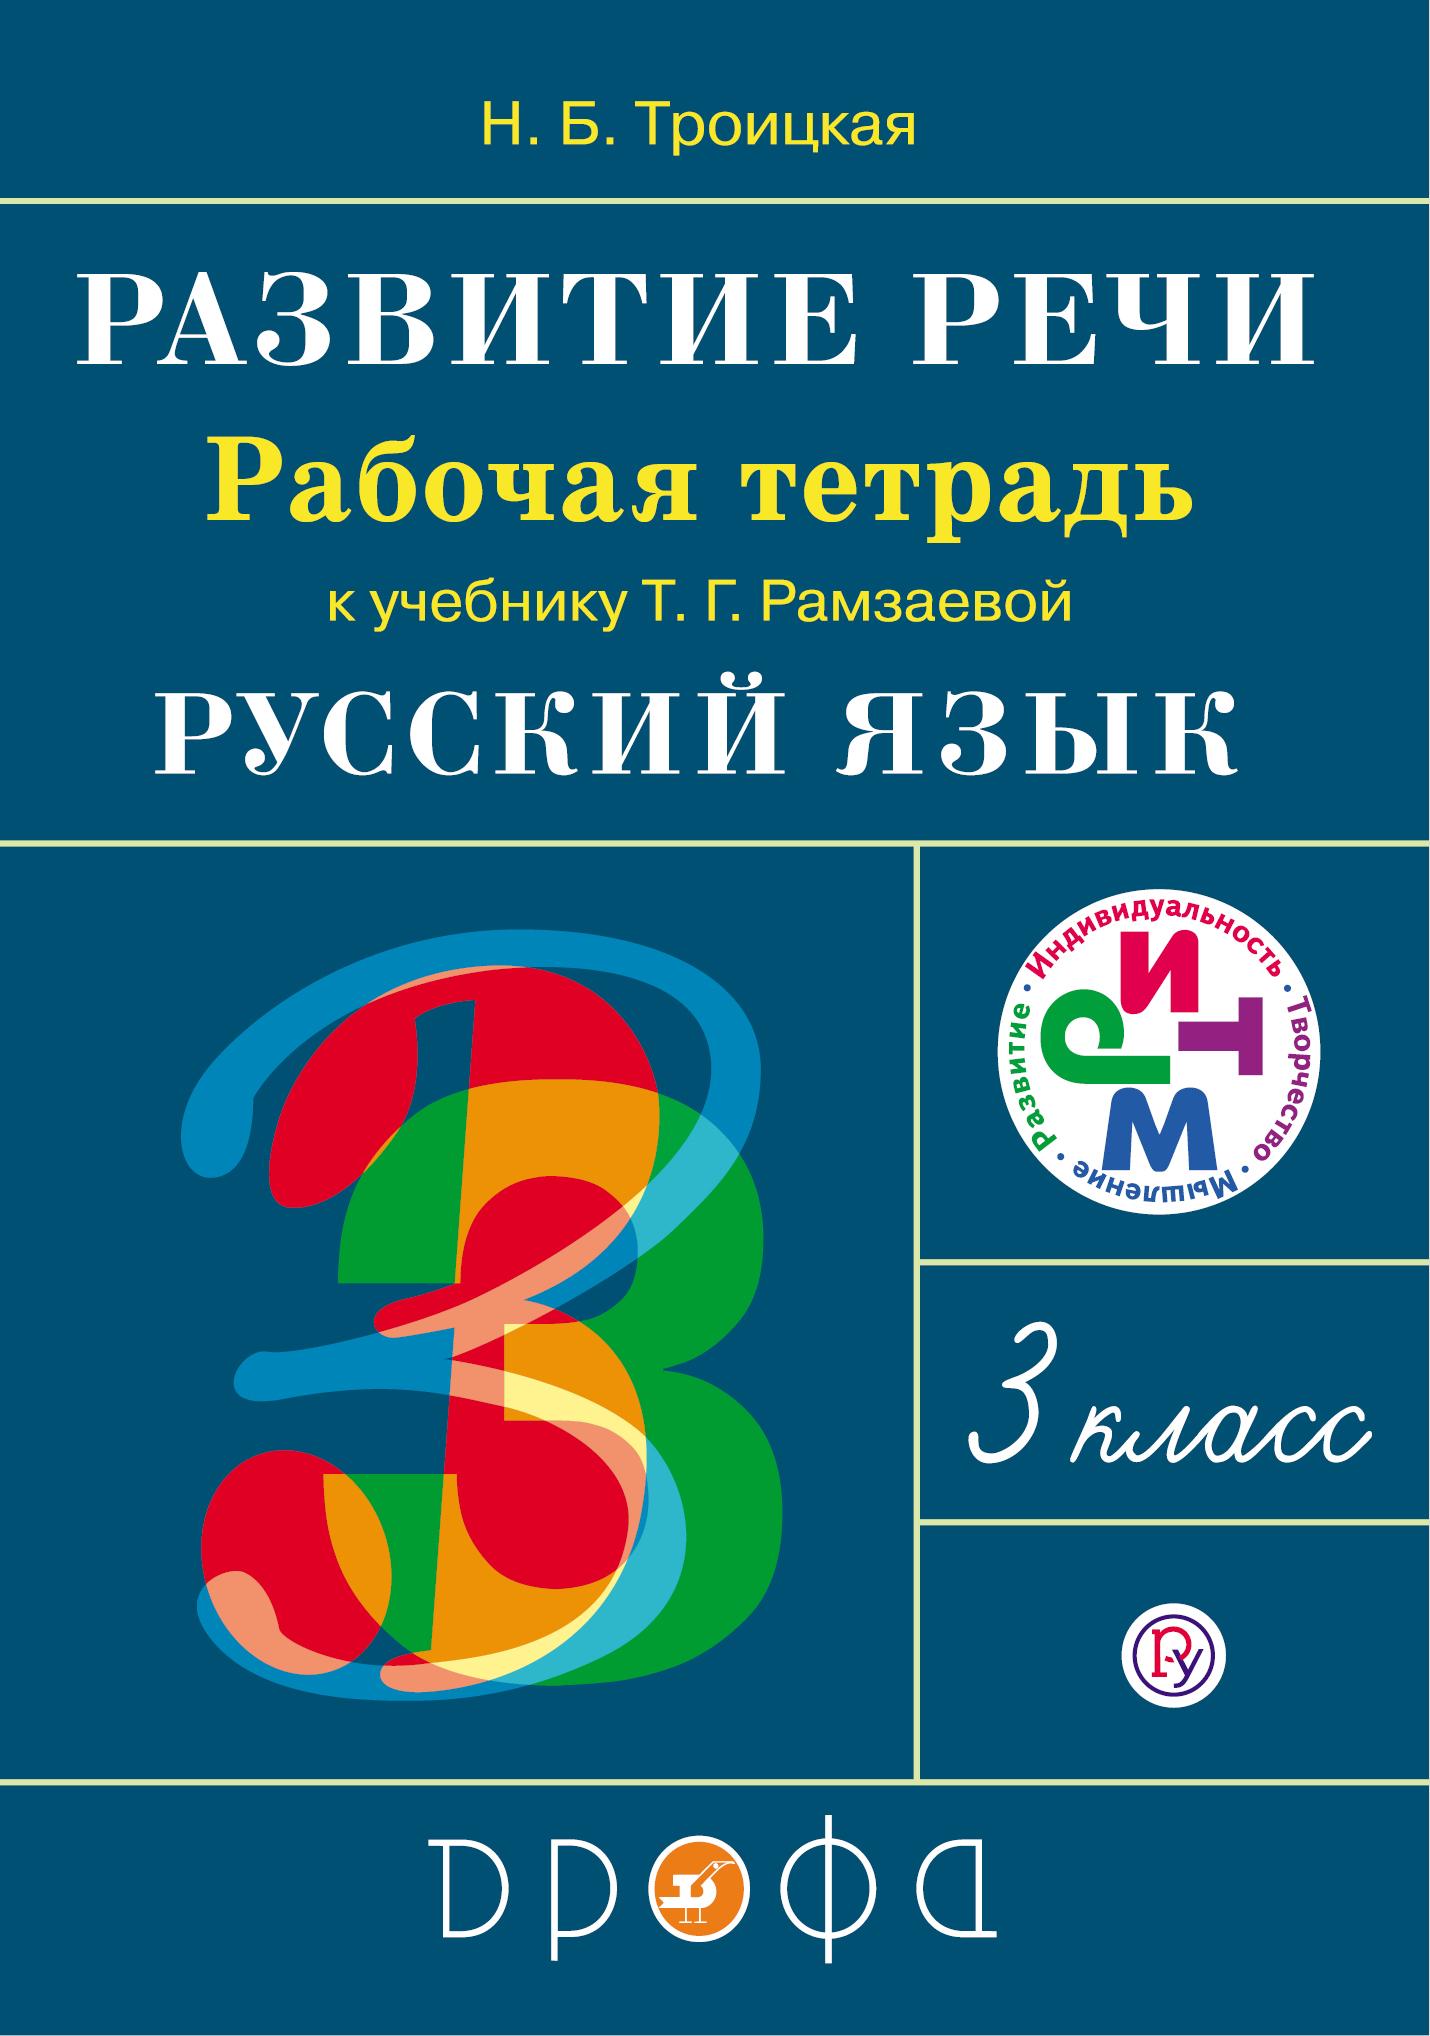 Методическая помощь русский язык 3 класс гармония